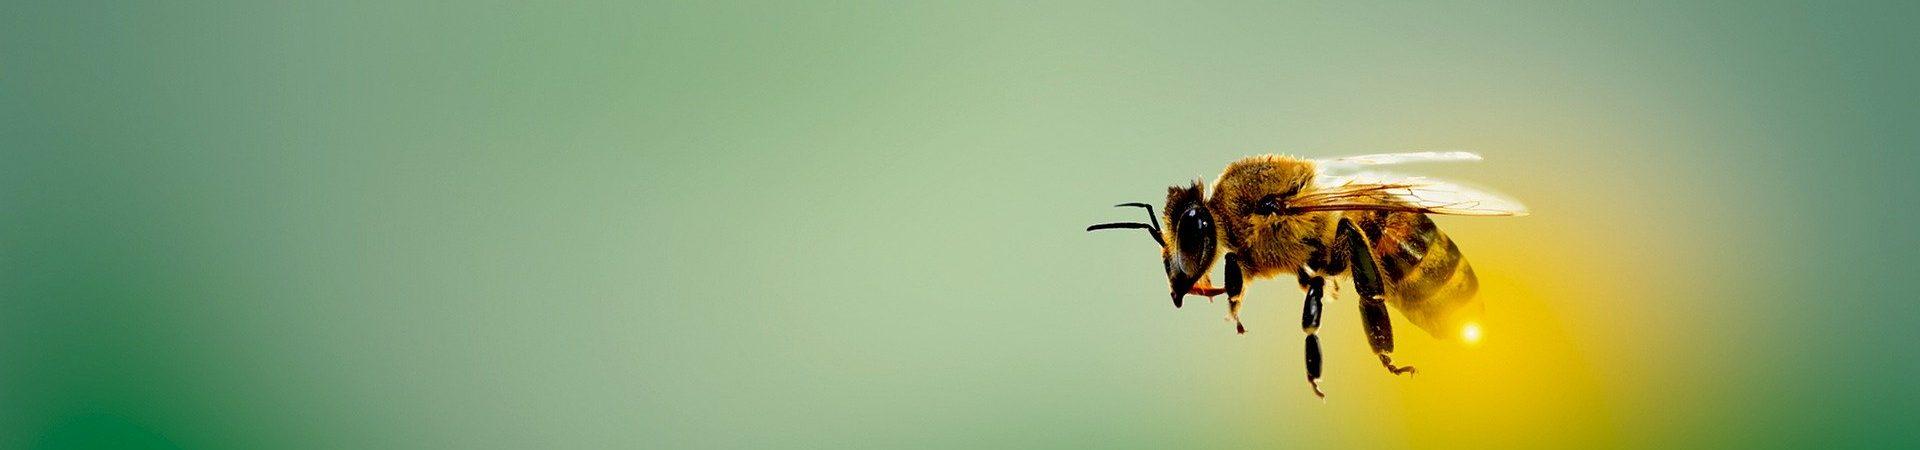 """Naturnahe Gärten für Bienen, Schmetterlinge und viele andere Insekten und Tiere sind das Ziel des Projekts """"NaturPflanzen"""". Wir wollen Jung und Alt für naturnahe Gärten mit heimischen Wildpflanzen begeistern. Mit unseren Projektpartnern wollen wir Netzwerke aufbauen und gemeinsam mit Gärtnereien und Pflanzenbetrieben mehr naturnahe Gärten in Deutschland zum Blühen bringen."""